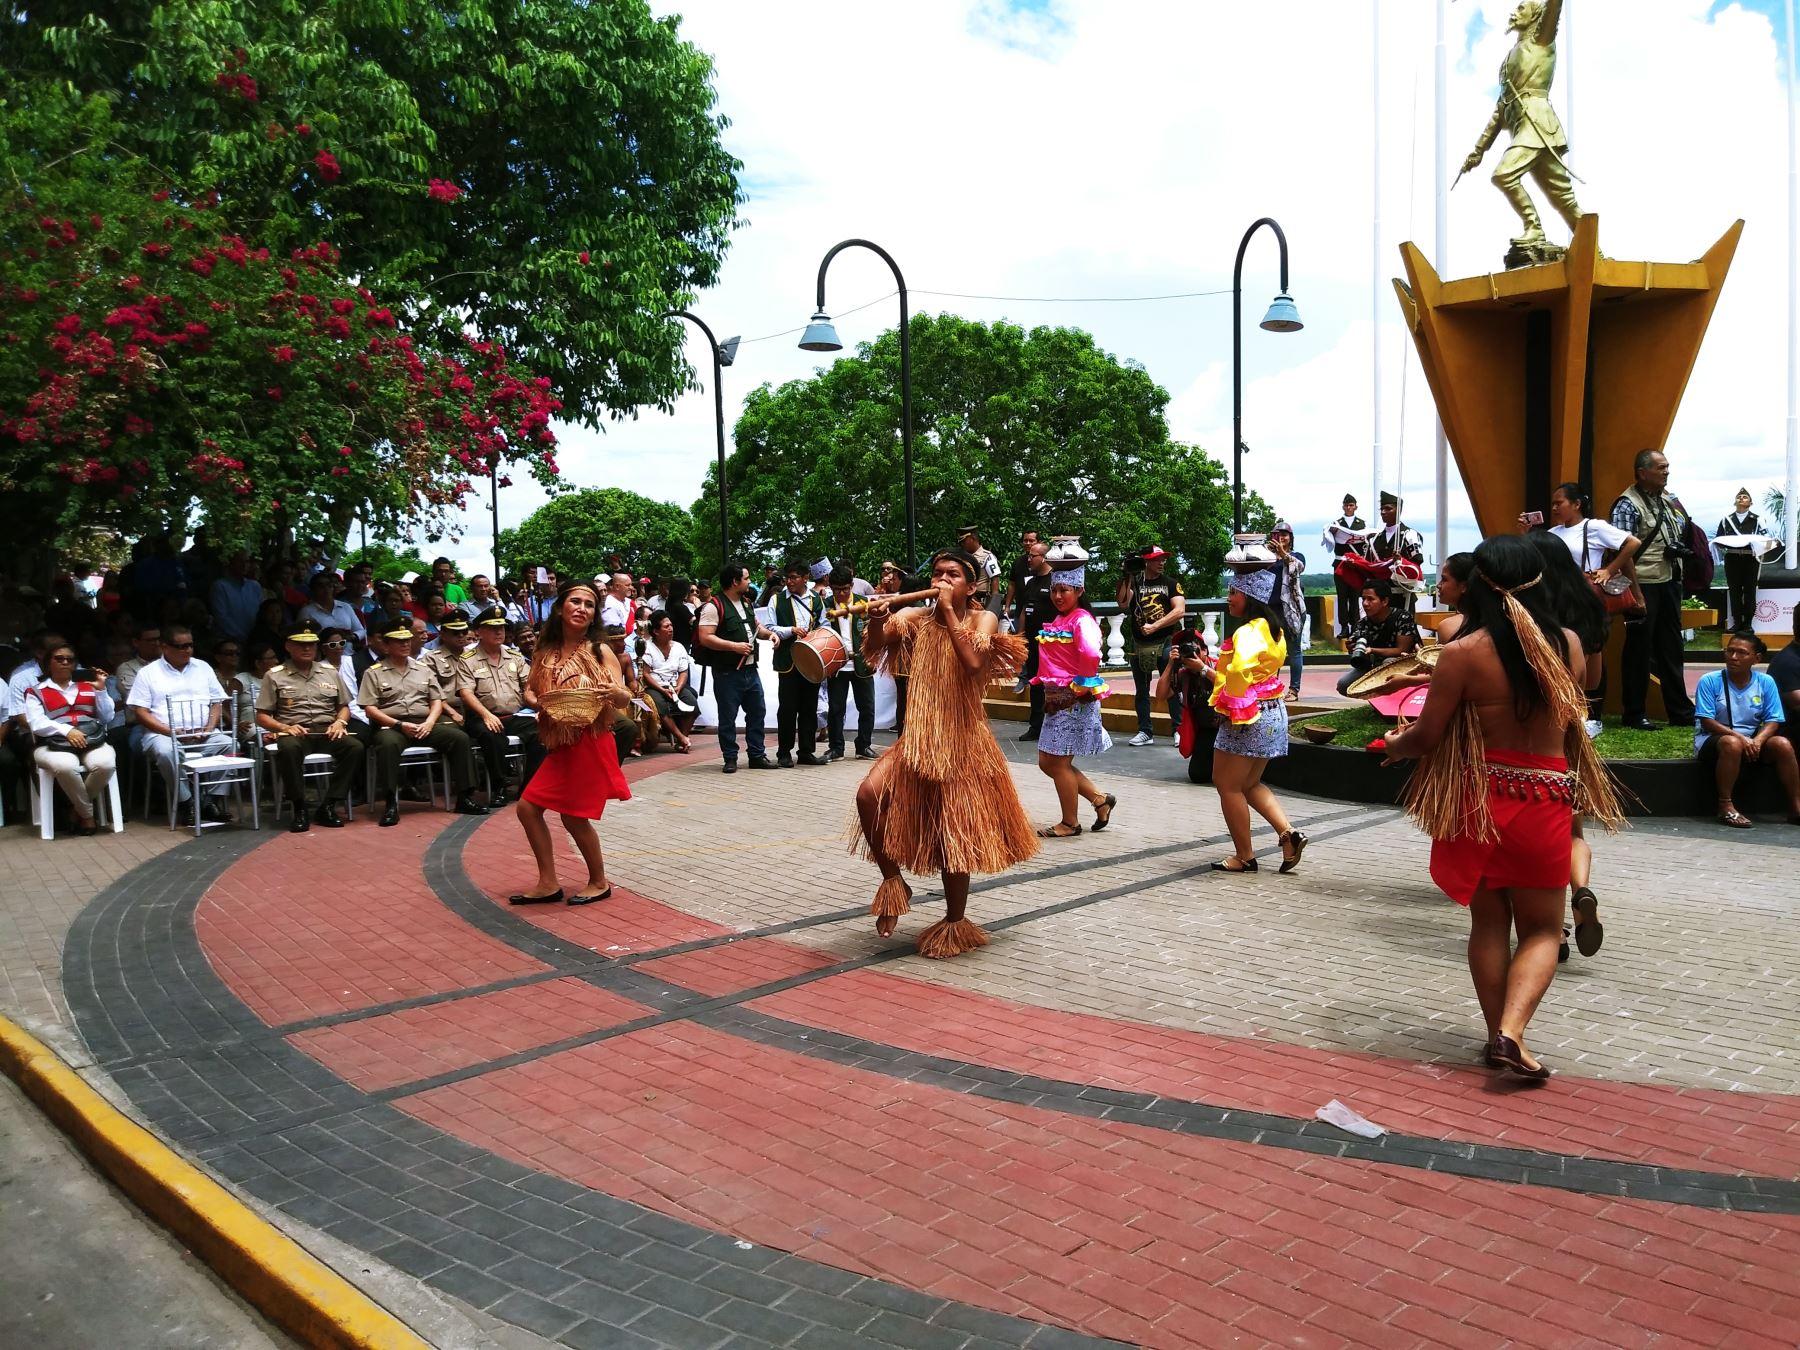 Ceremonia resalta la multiculturalidad de la Amazonía peruana. Foto: Luis Zuta Dávila.